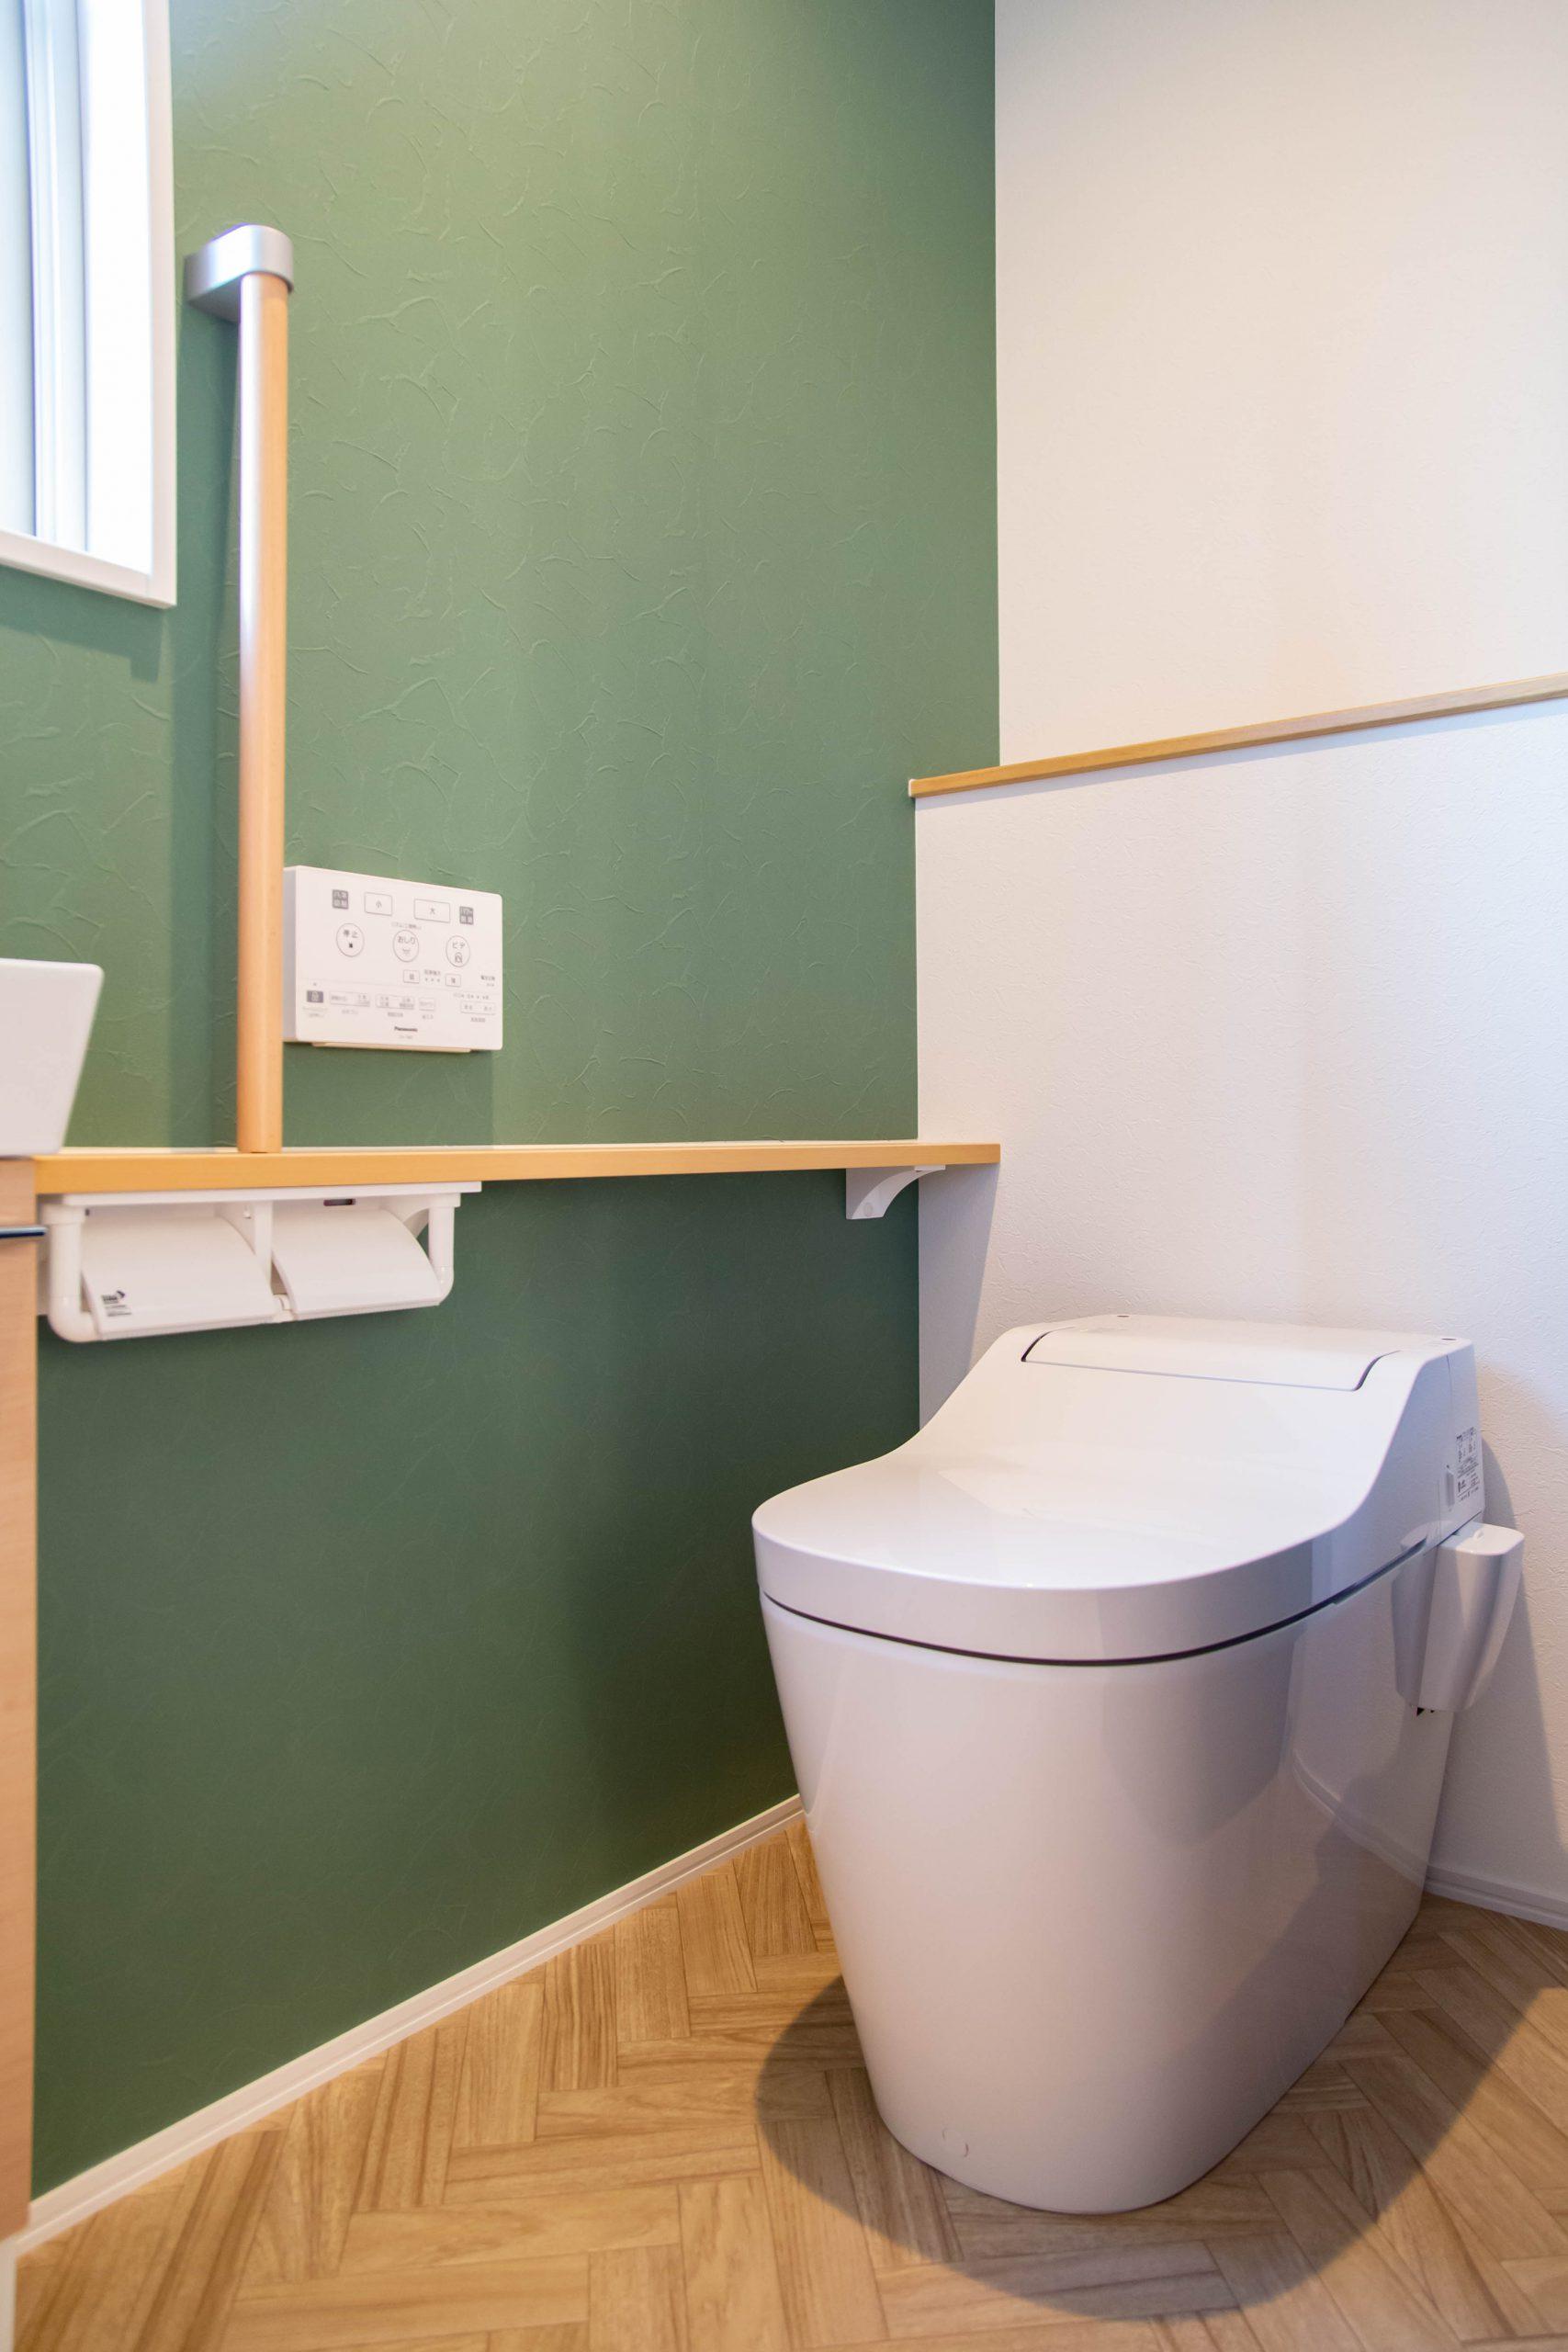 新築実例 トイレ